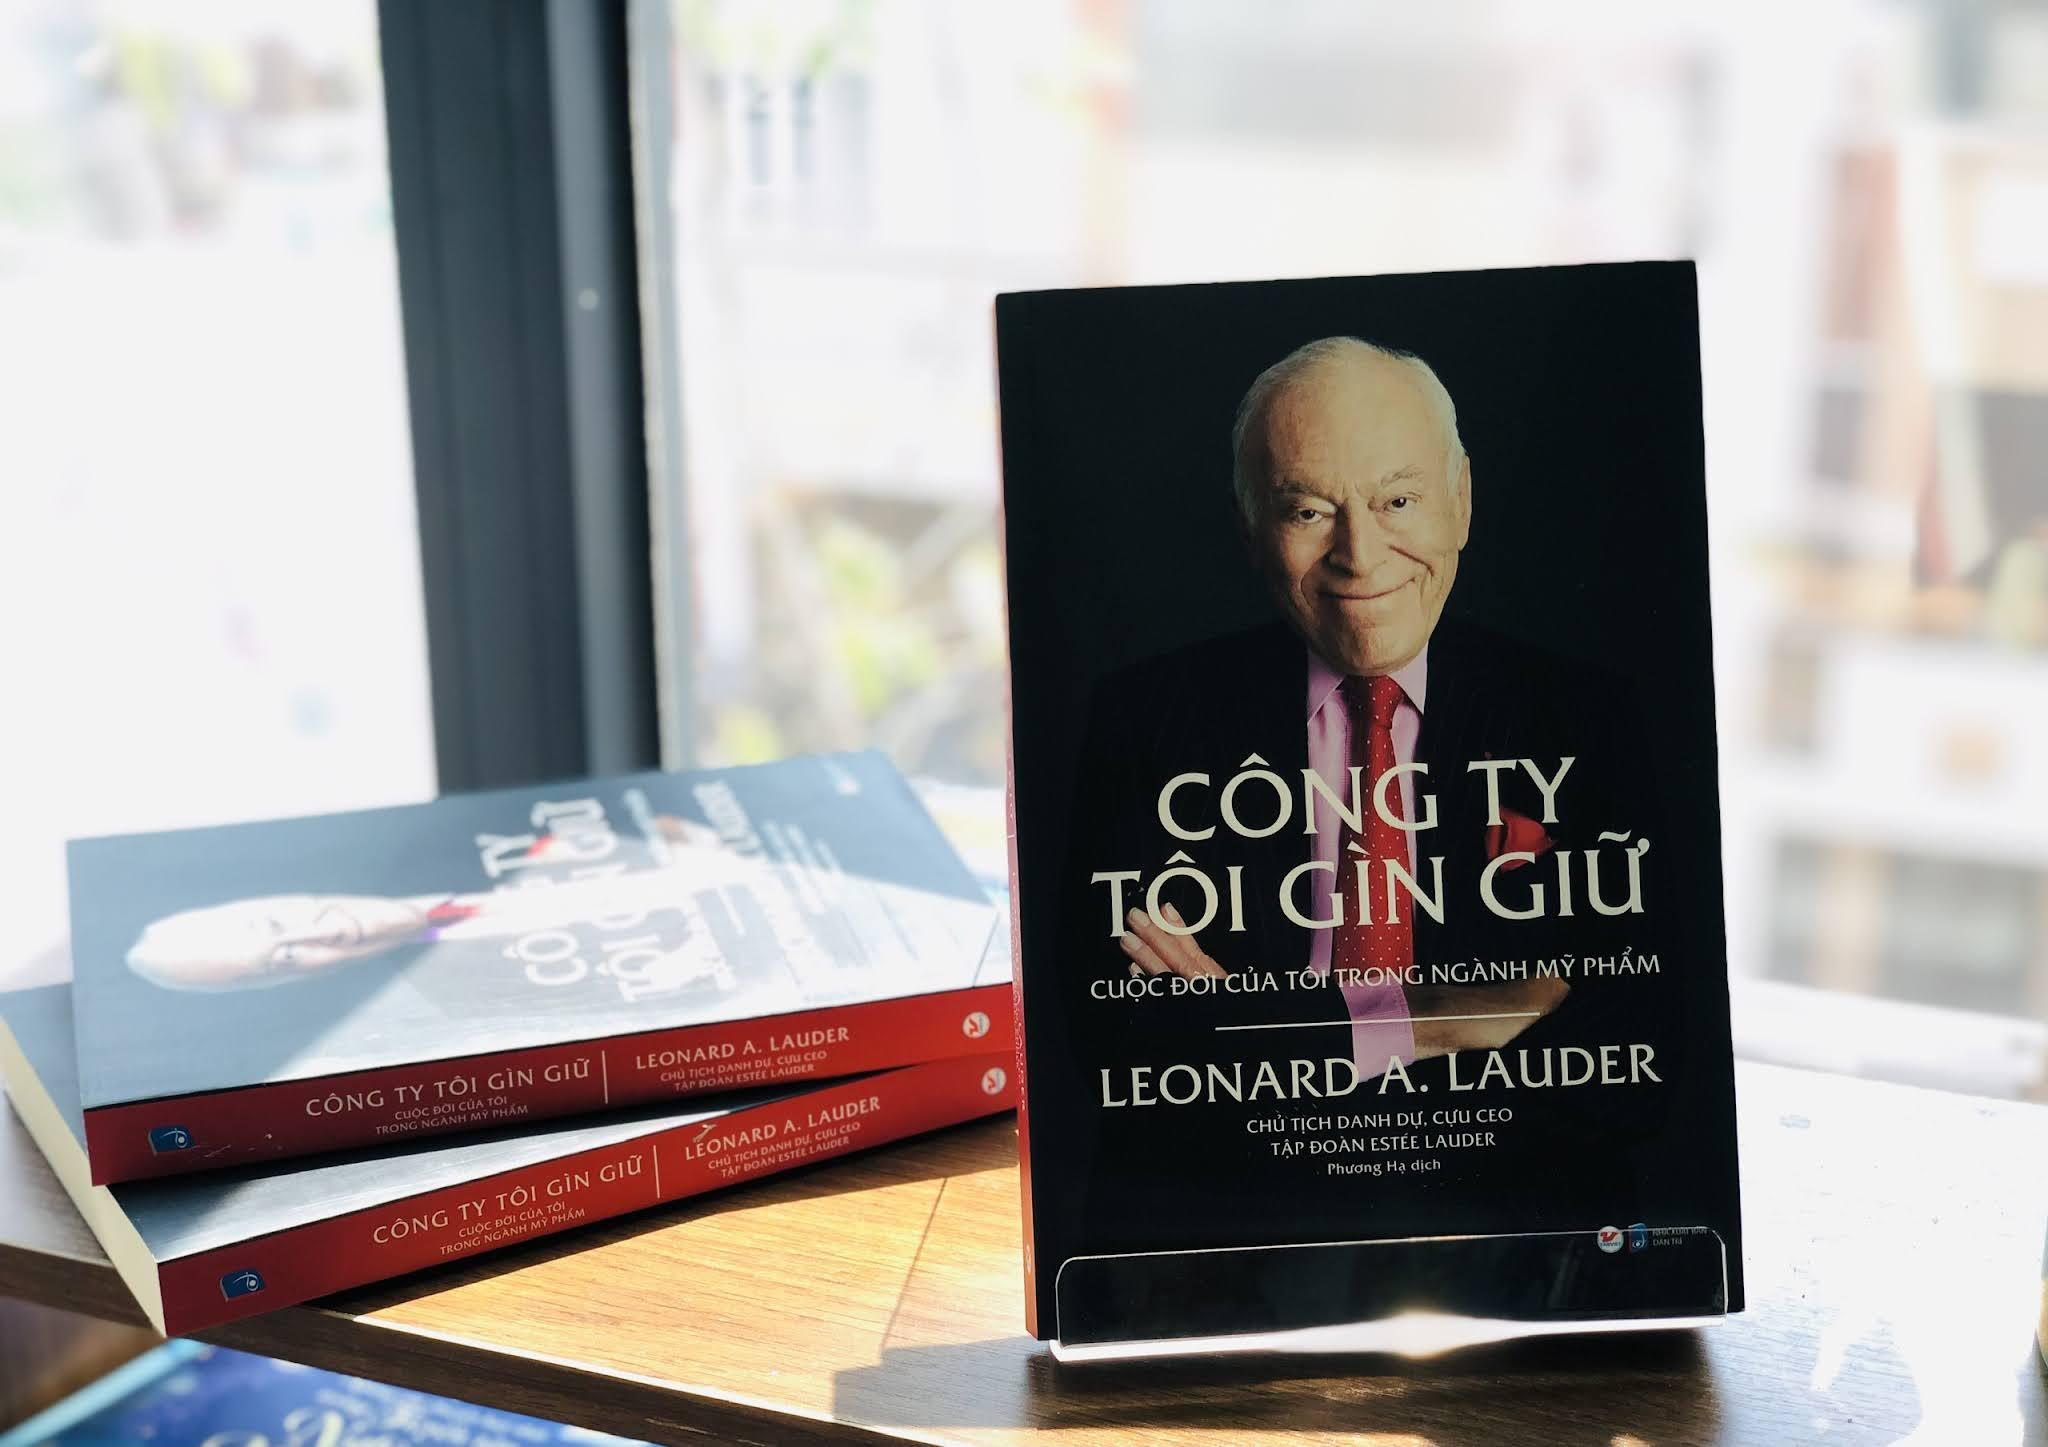 Cong-ty-toi-gin-giu-Leonard-Lauder